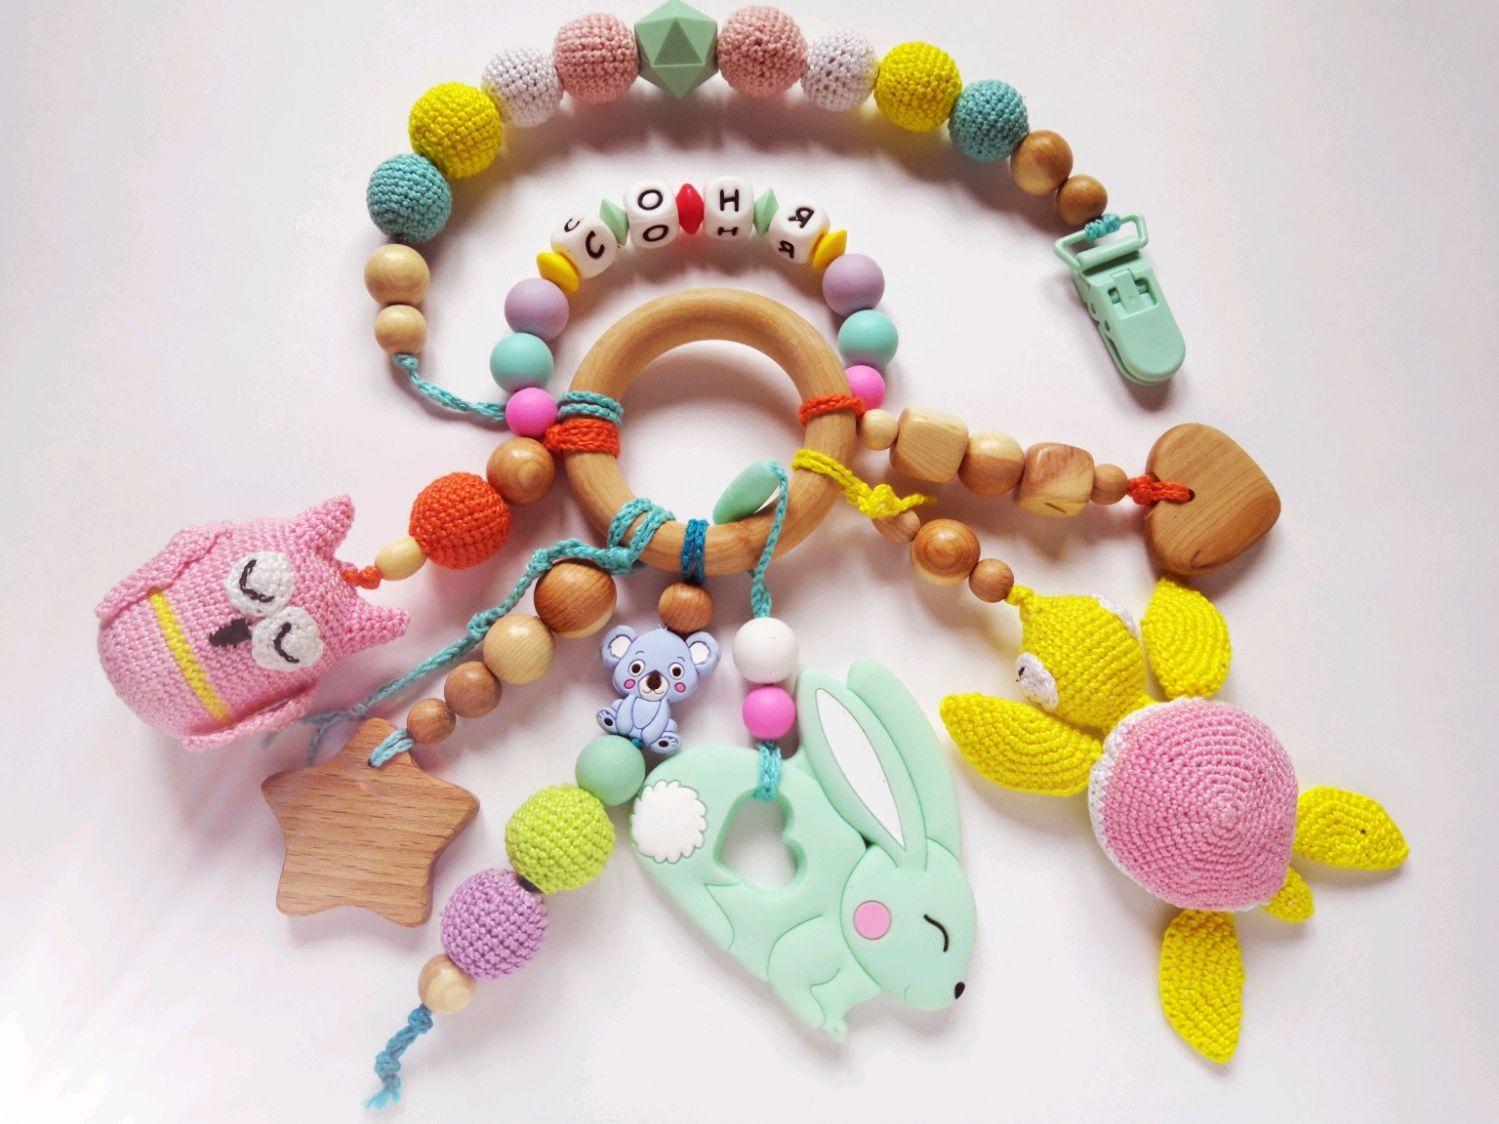 Развивающие игрушки ручной работы. Ярмарка Мастеров - ручная работа. Купить Развивашка. Handmade. Детская игрушка, развивашка, держатель для соски.